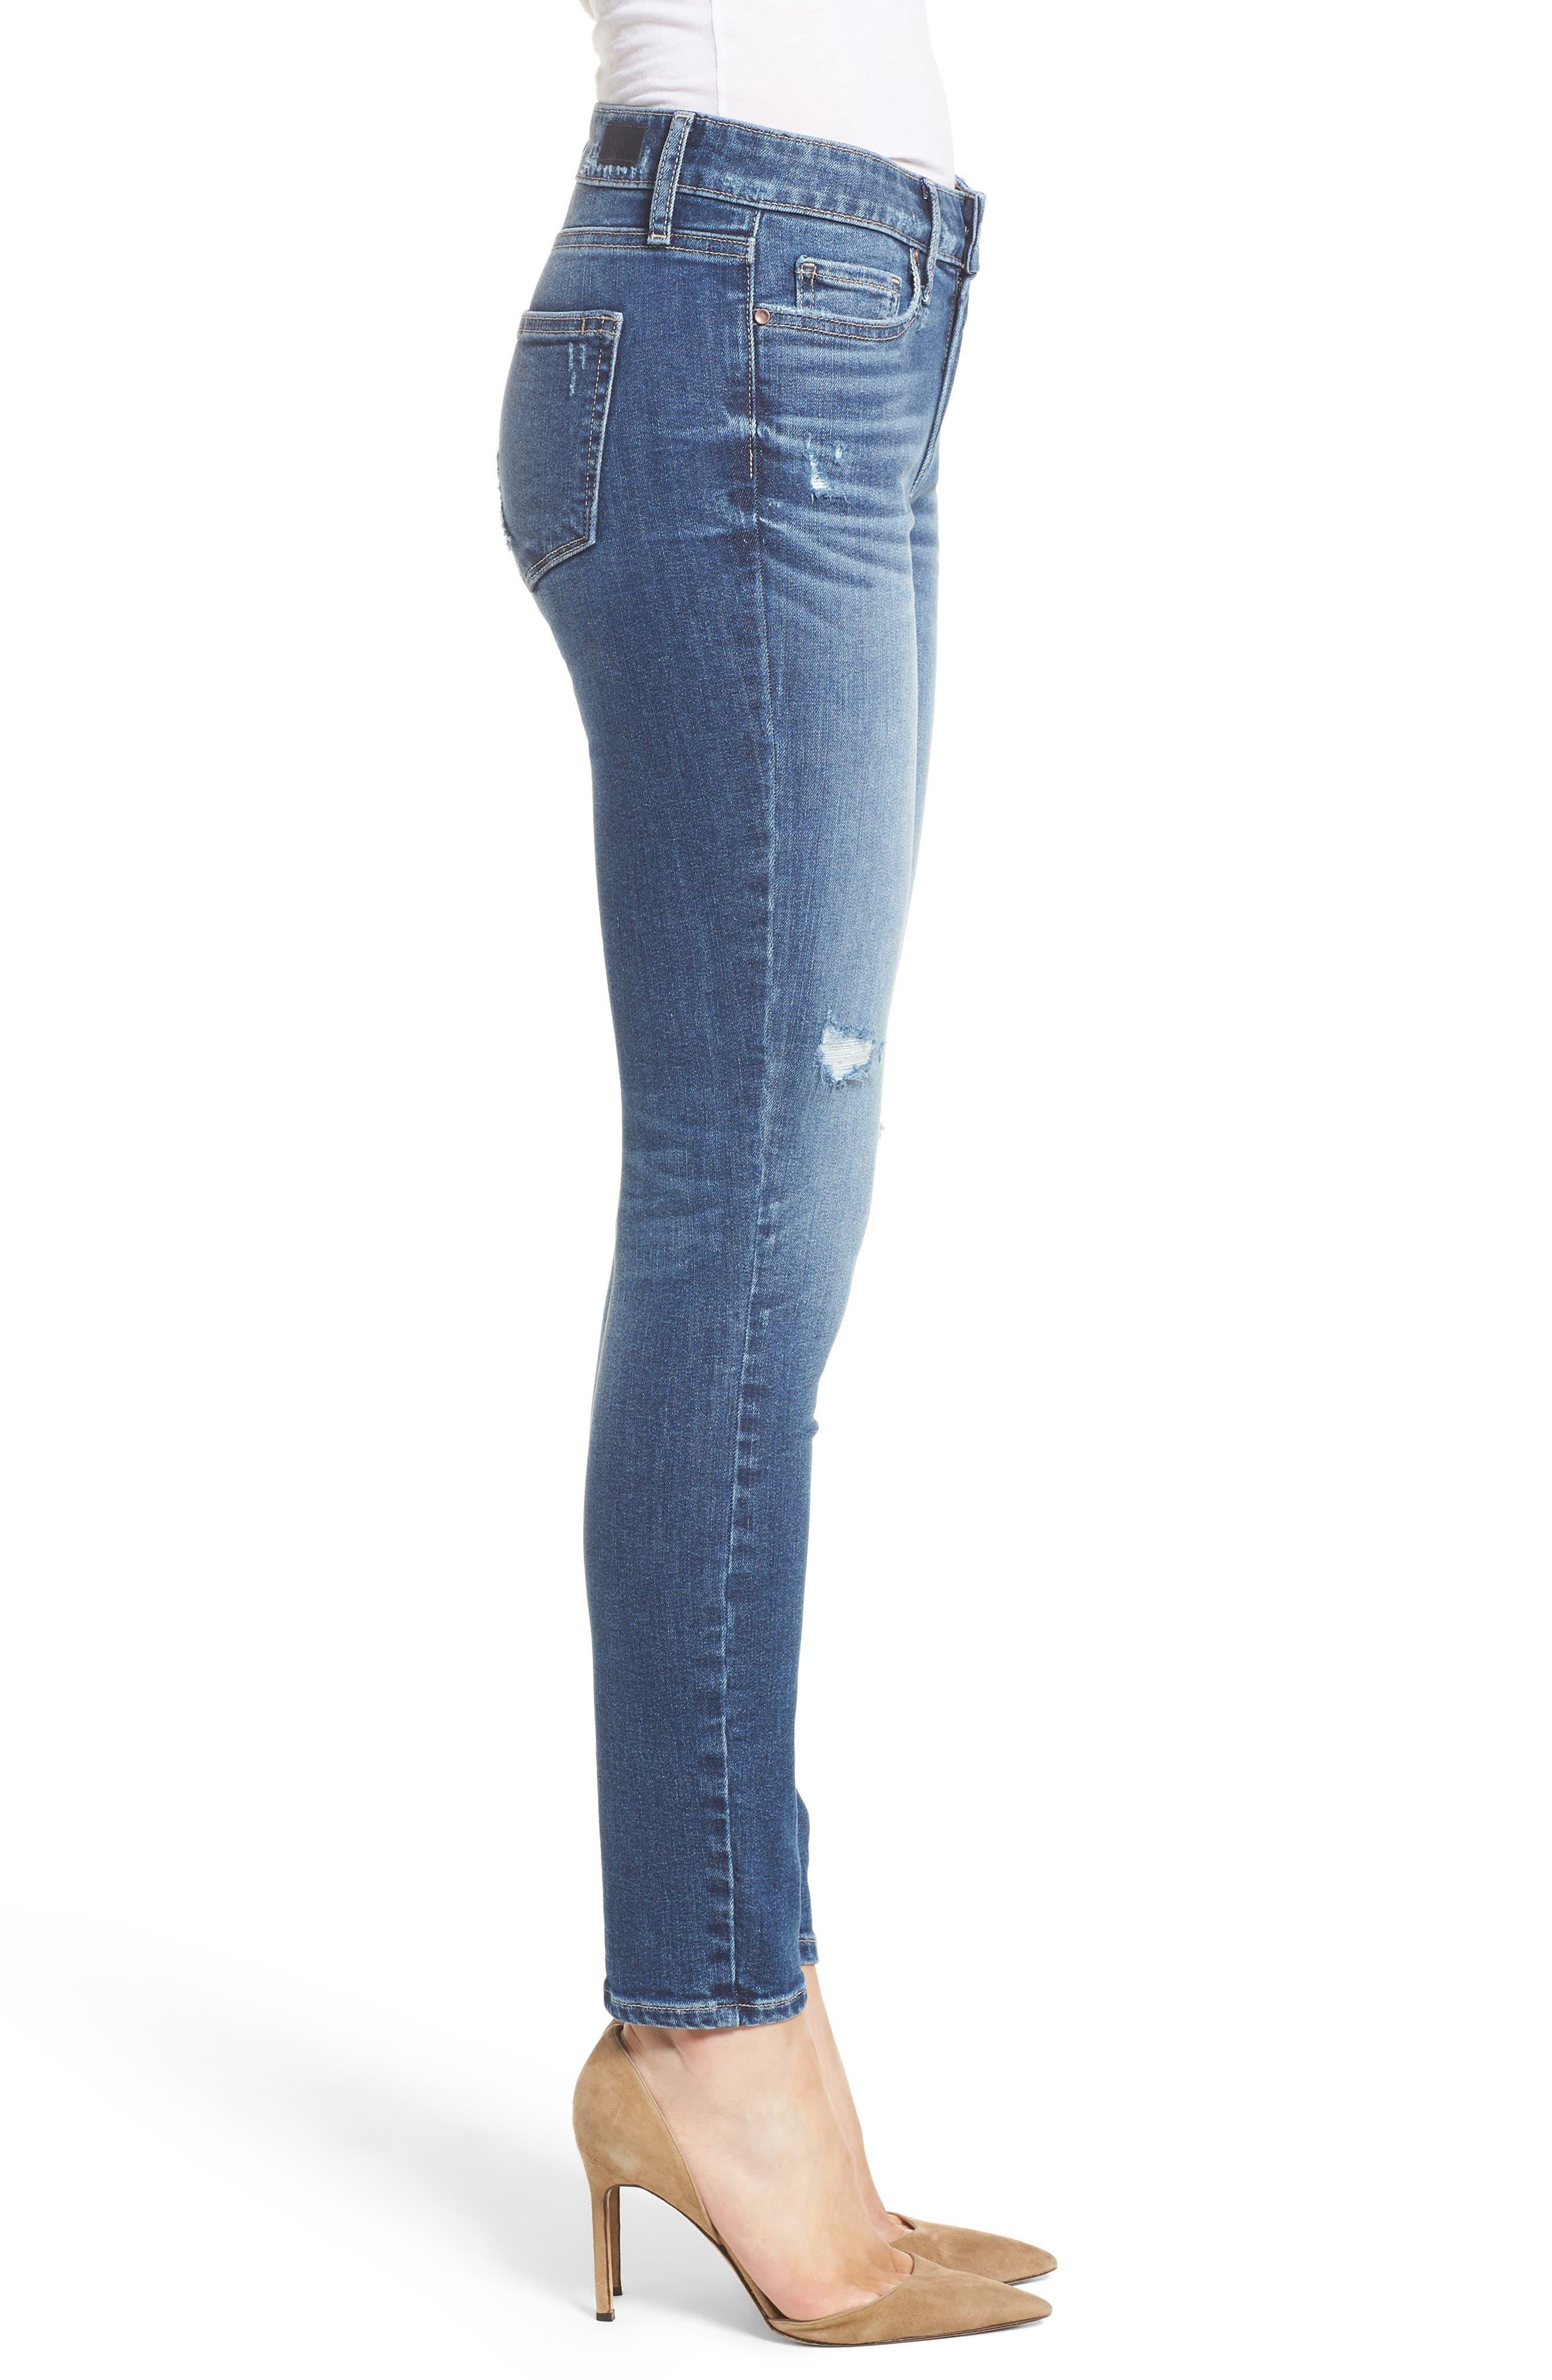 Transcend Vintage - Verdugo Ankle Skinny Jeans,                             Alternate thumbnail 3, color,                             Pico Destructed